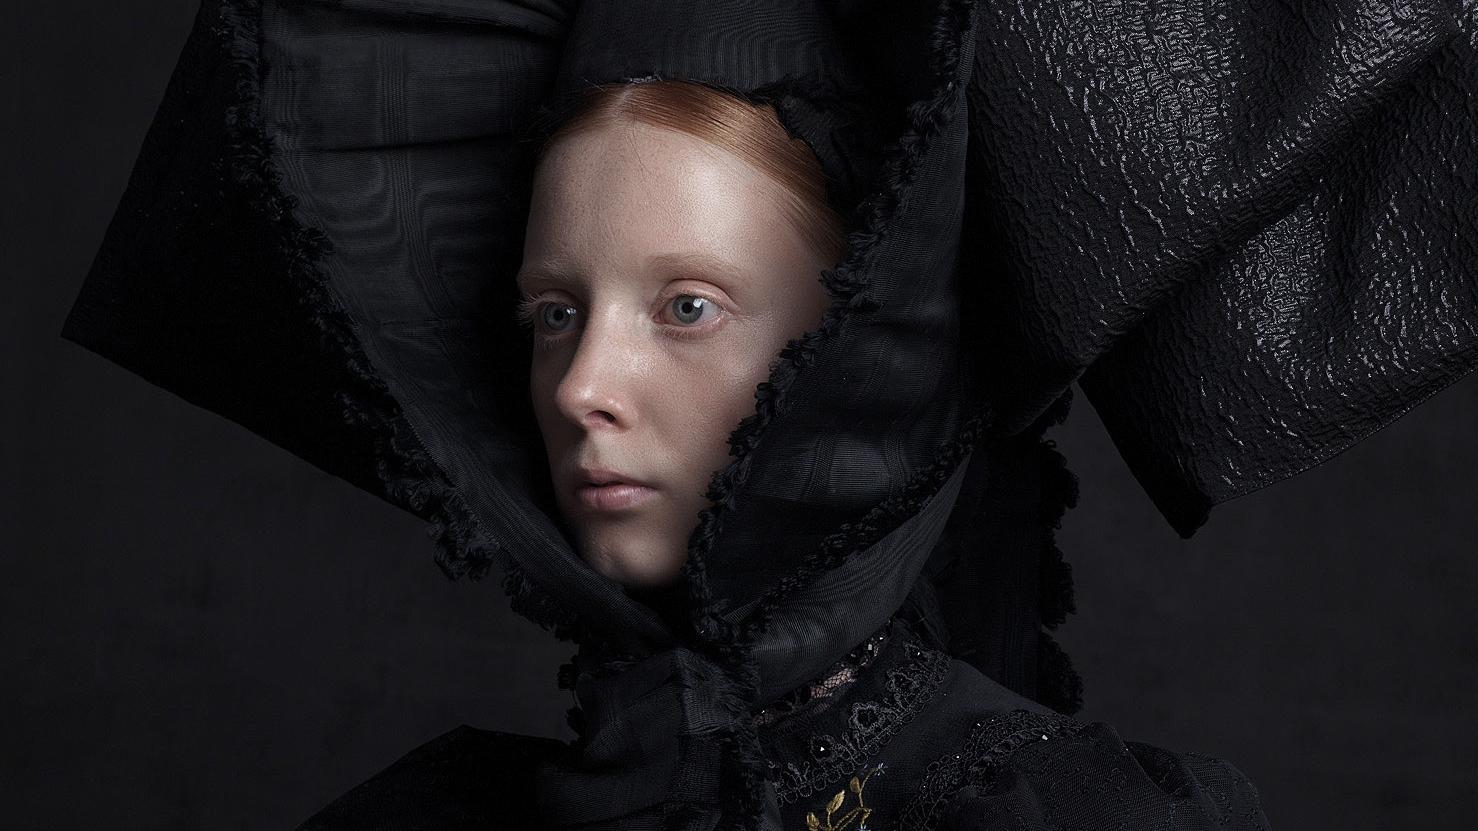 Pompöse Kopfbedeckung ganz in schwarz